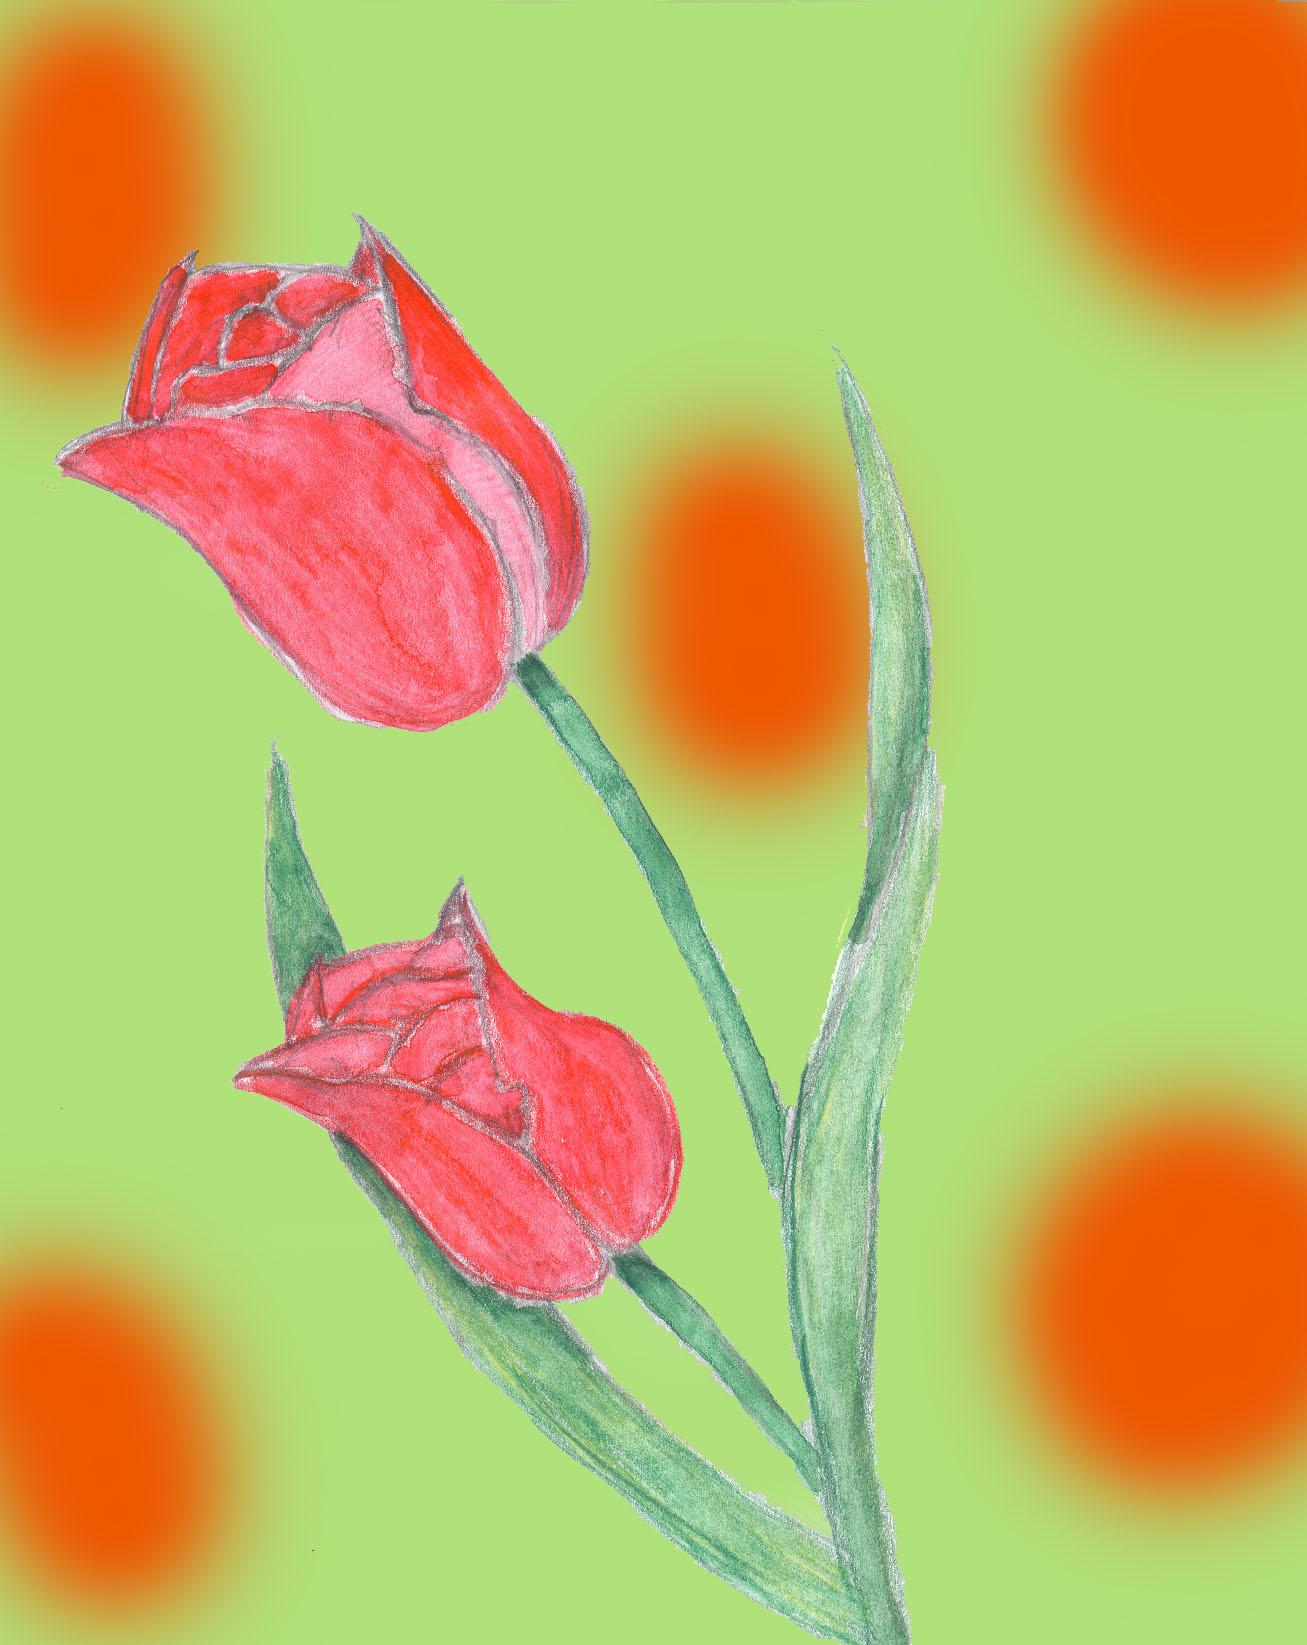 Tulpin by Yeslen-Muurlas